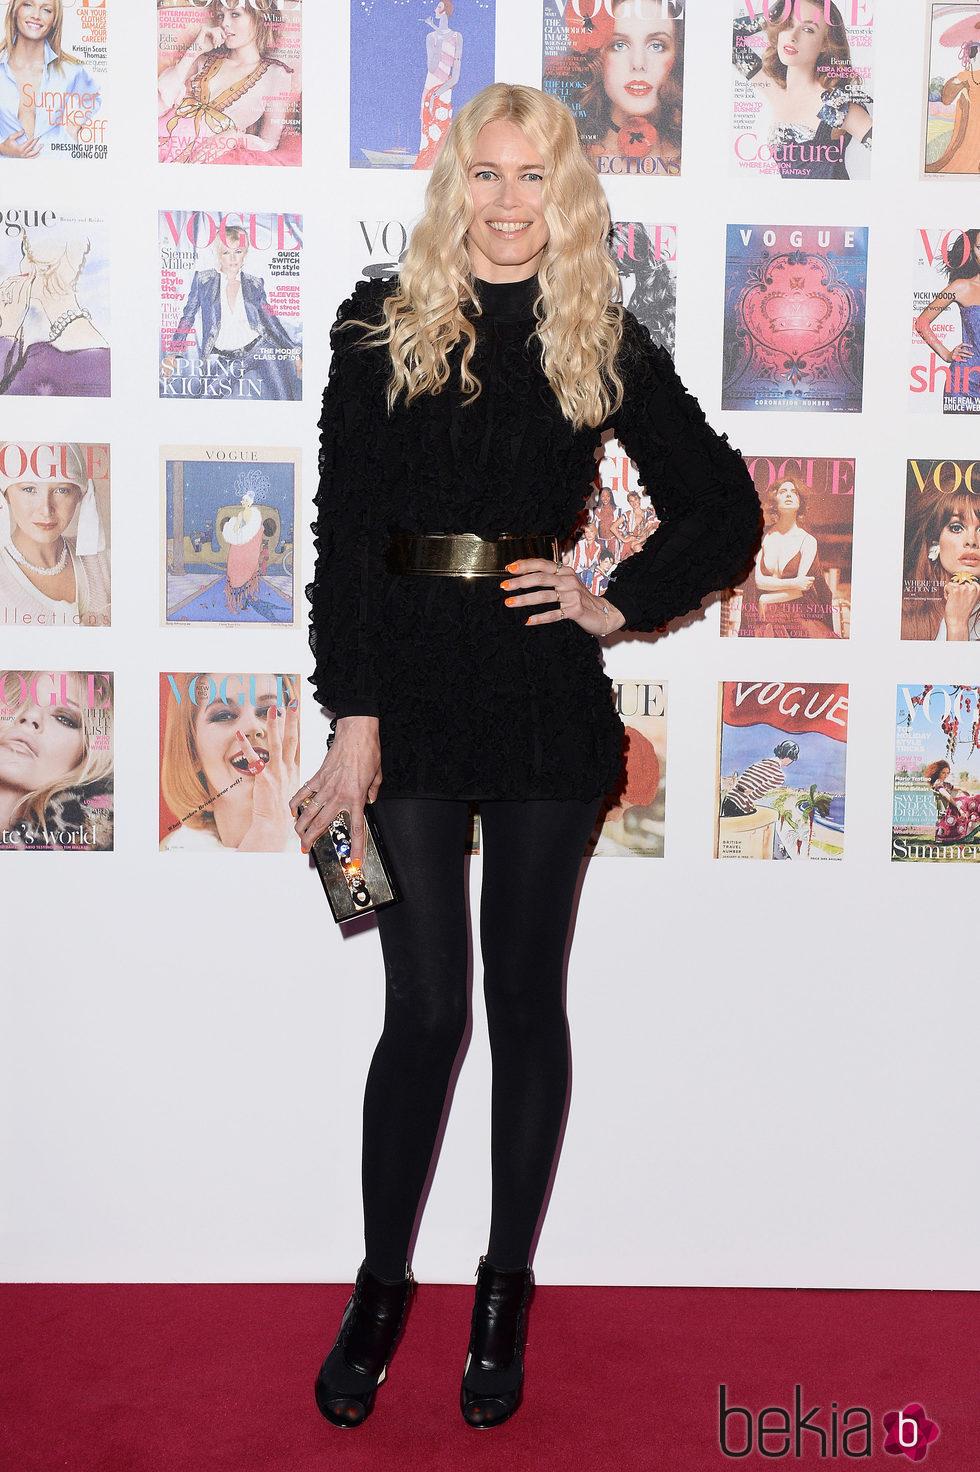 Claudia Schiffer en la fiesta del 100 aniversario de Vogue en Londres